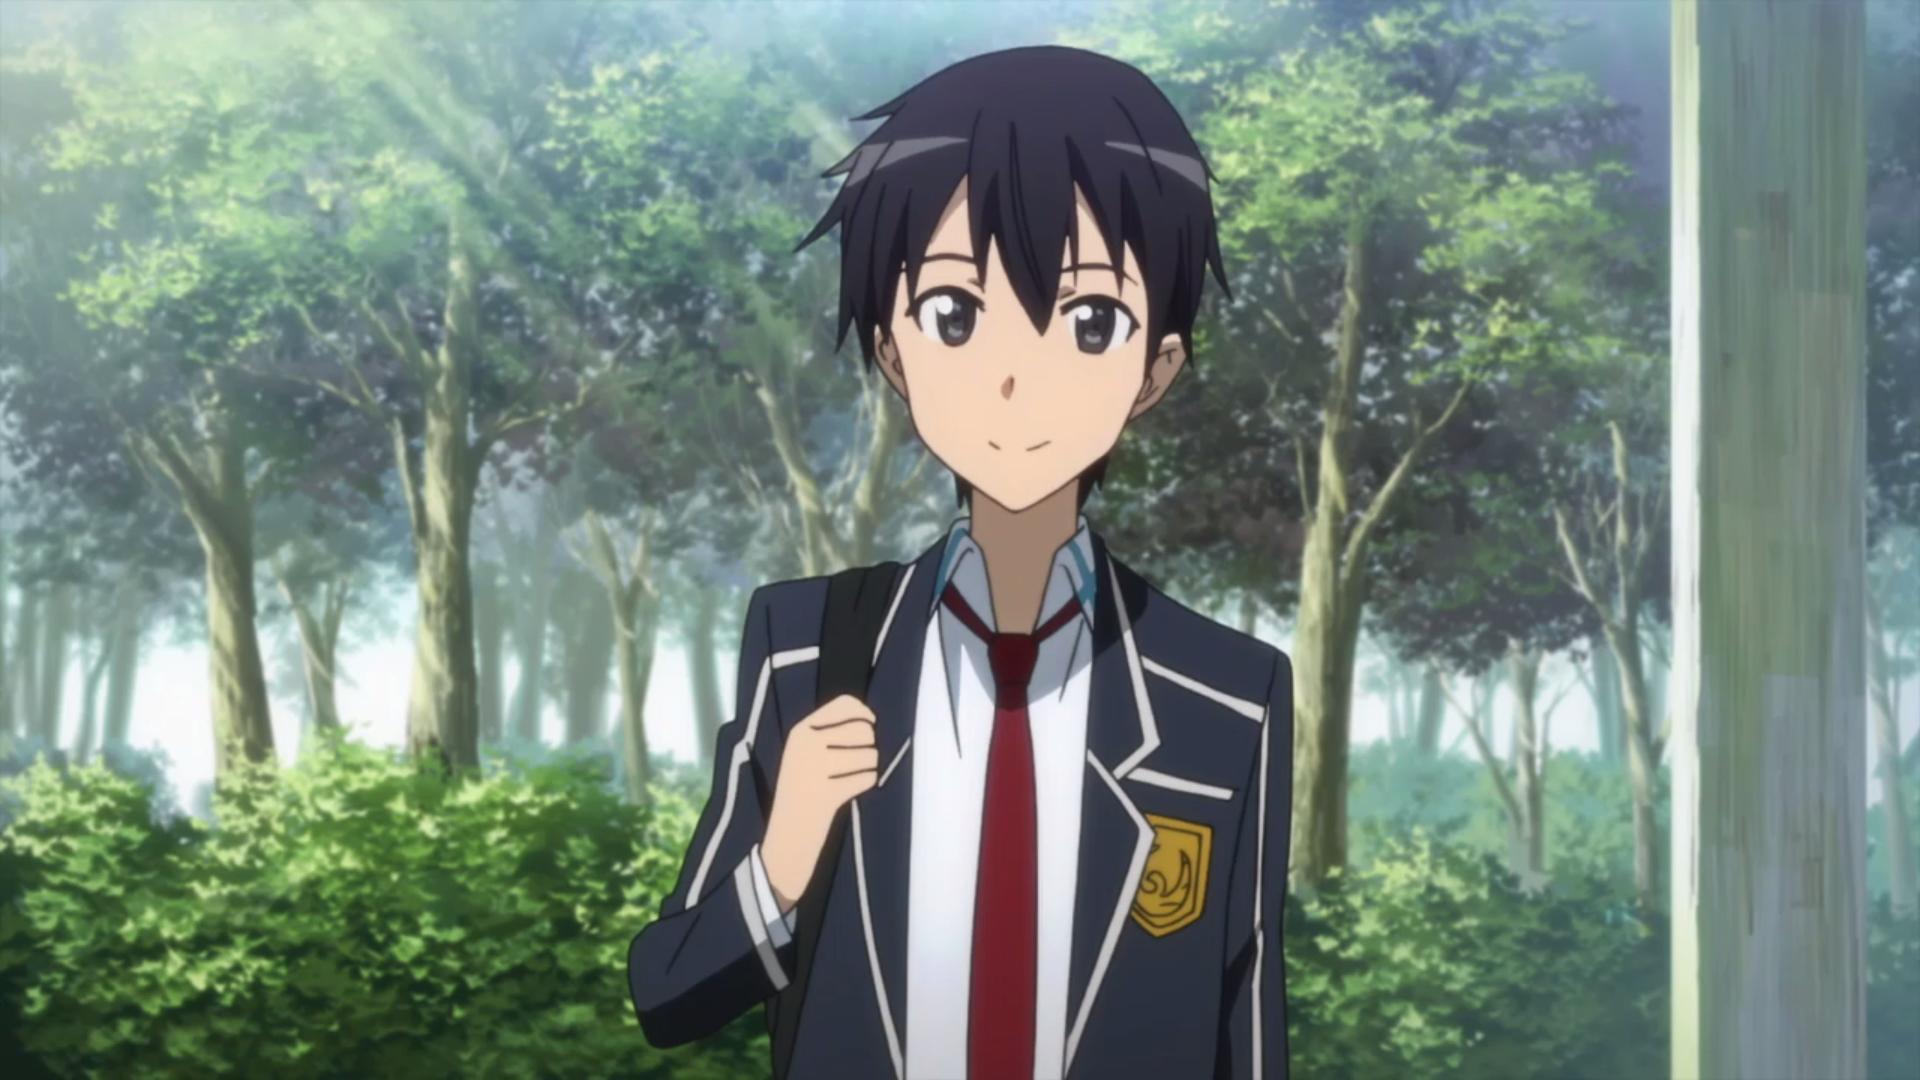 Hình nền Kirito mặc đồng phục